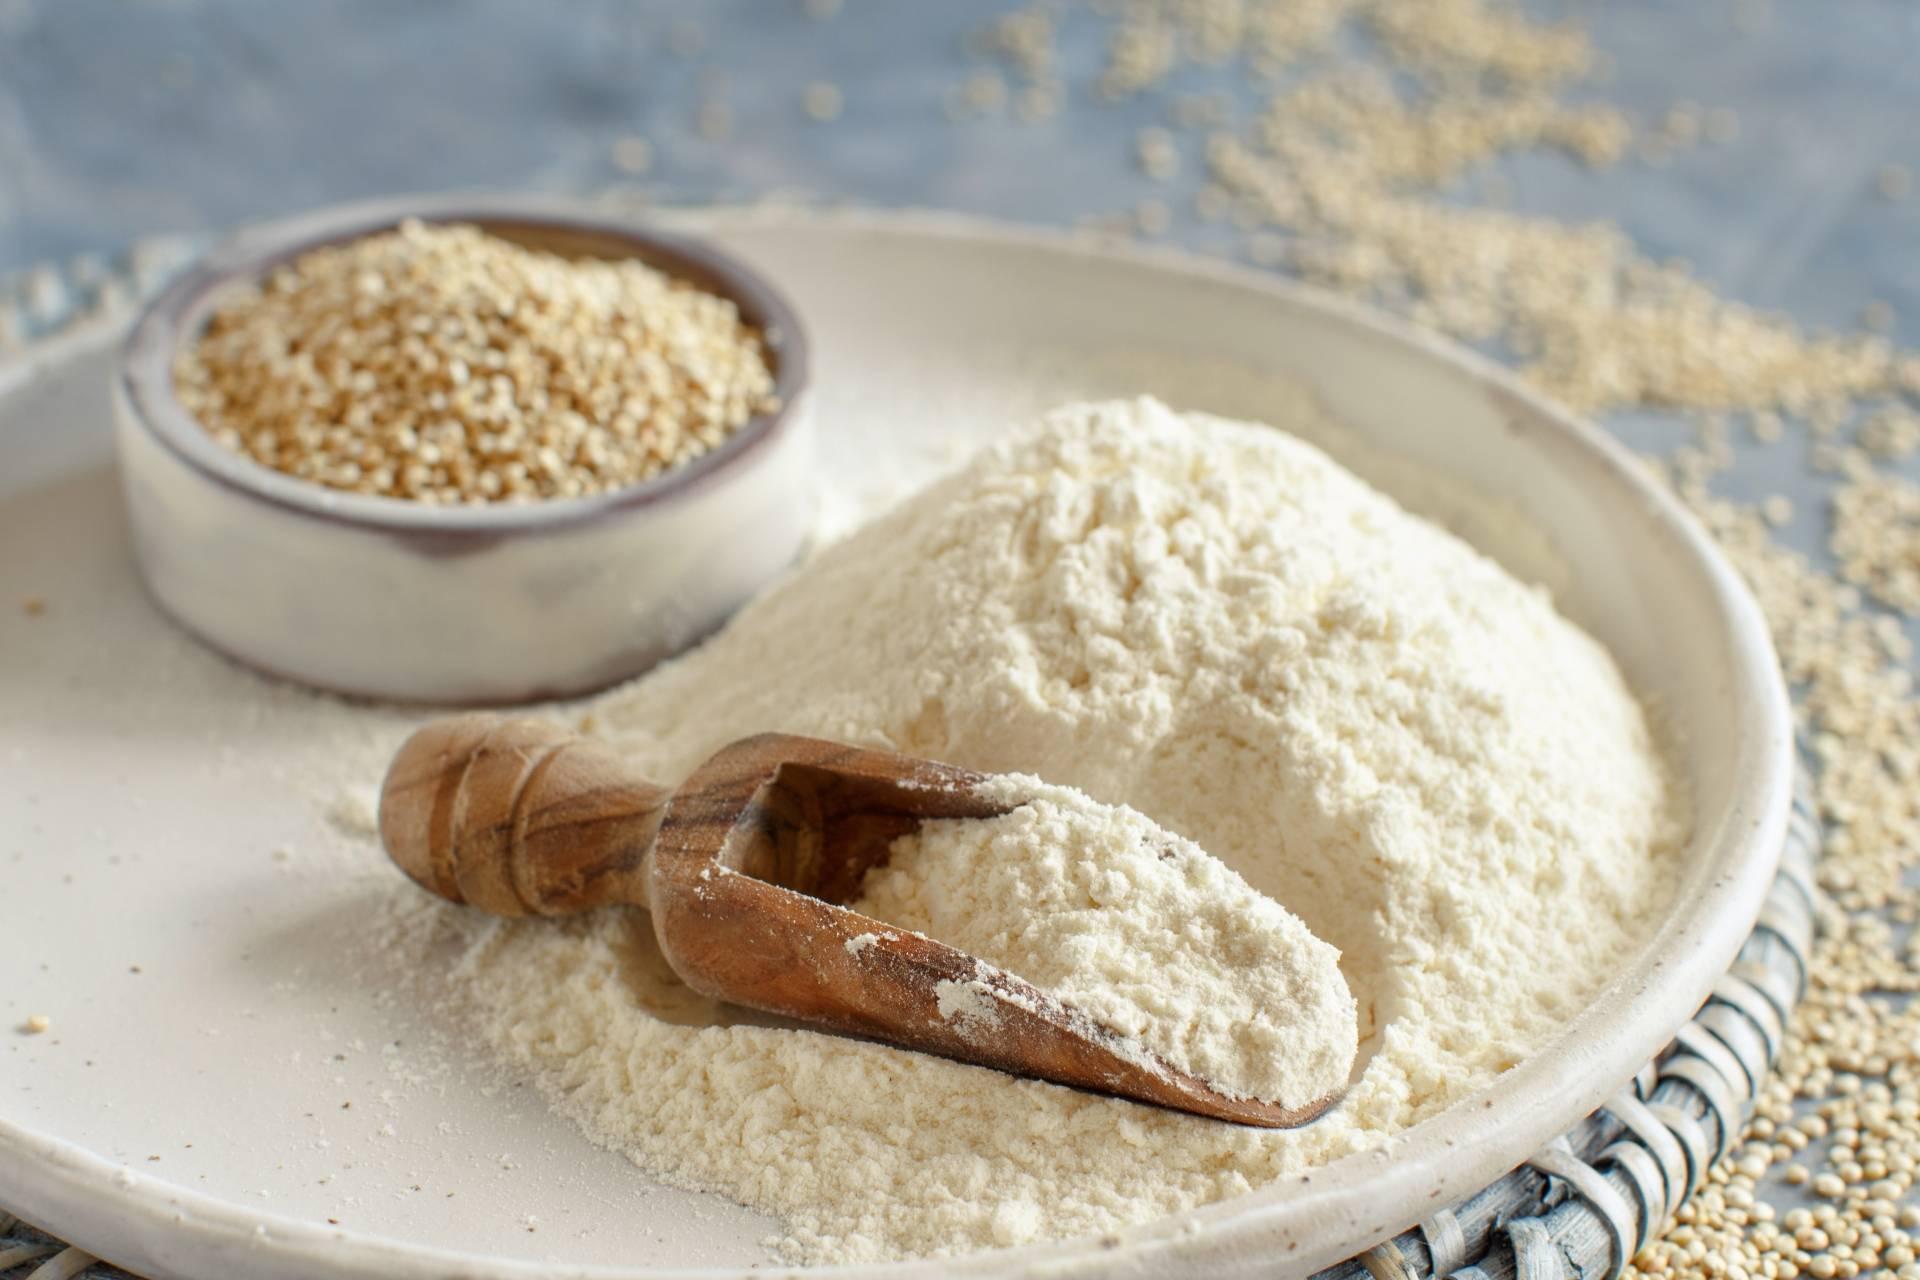 Mąka z komosy ryżowej na półmisku. Mąki bez glutenu, mąki bezglutenowe.